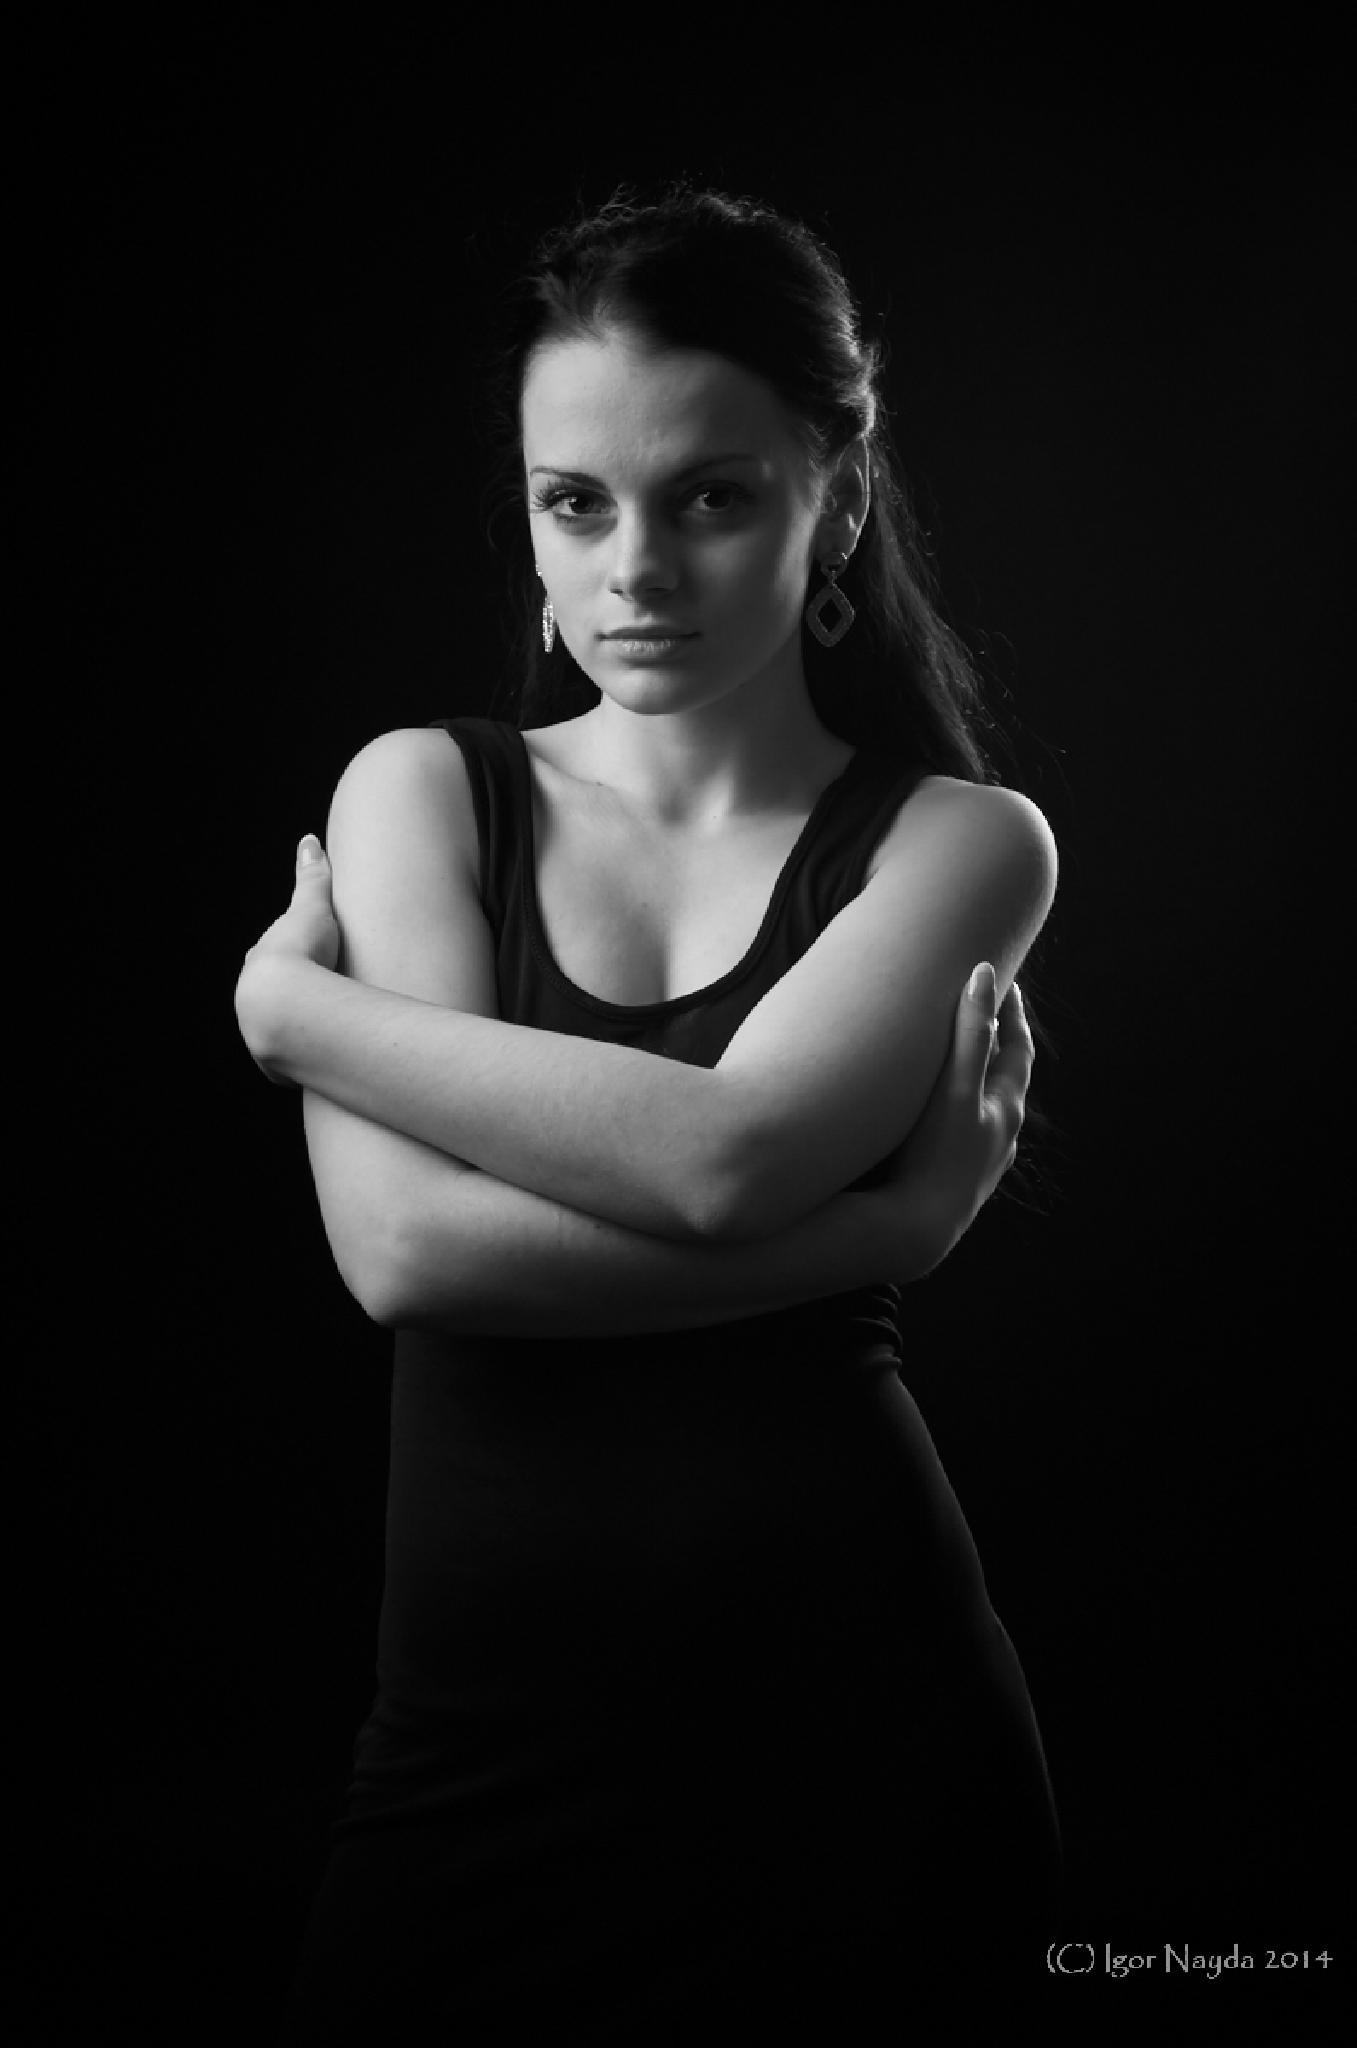 Victoria by Igor Nayda